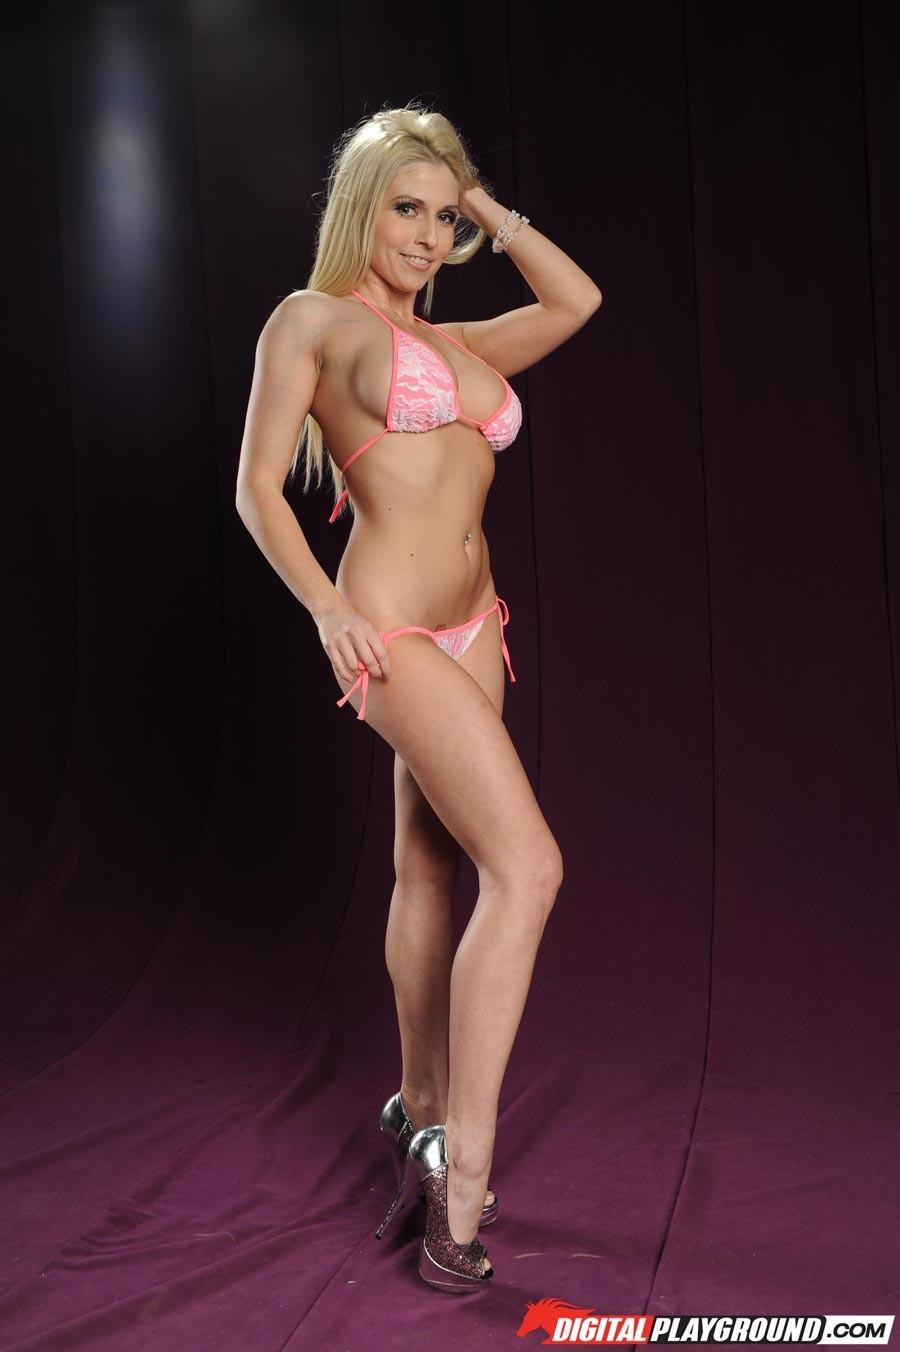 Голая блондинка в розовом купальнике показывает грудь